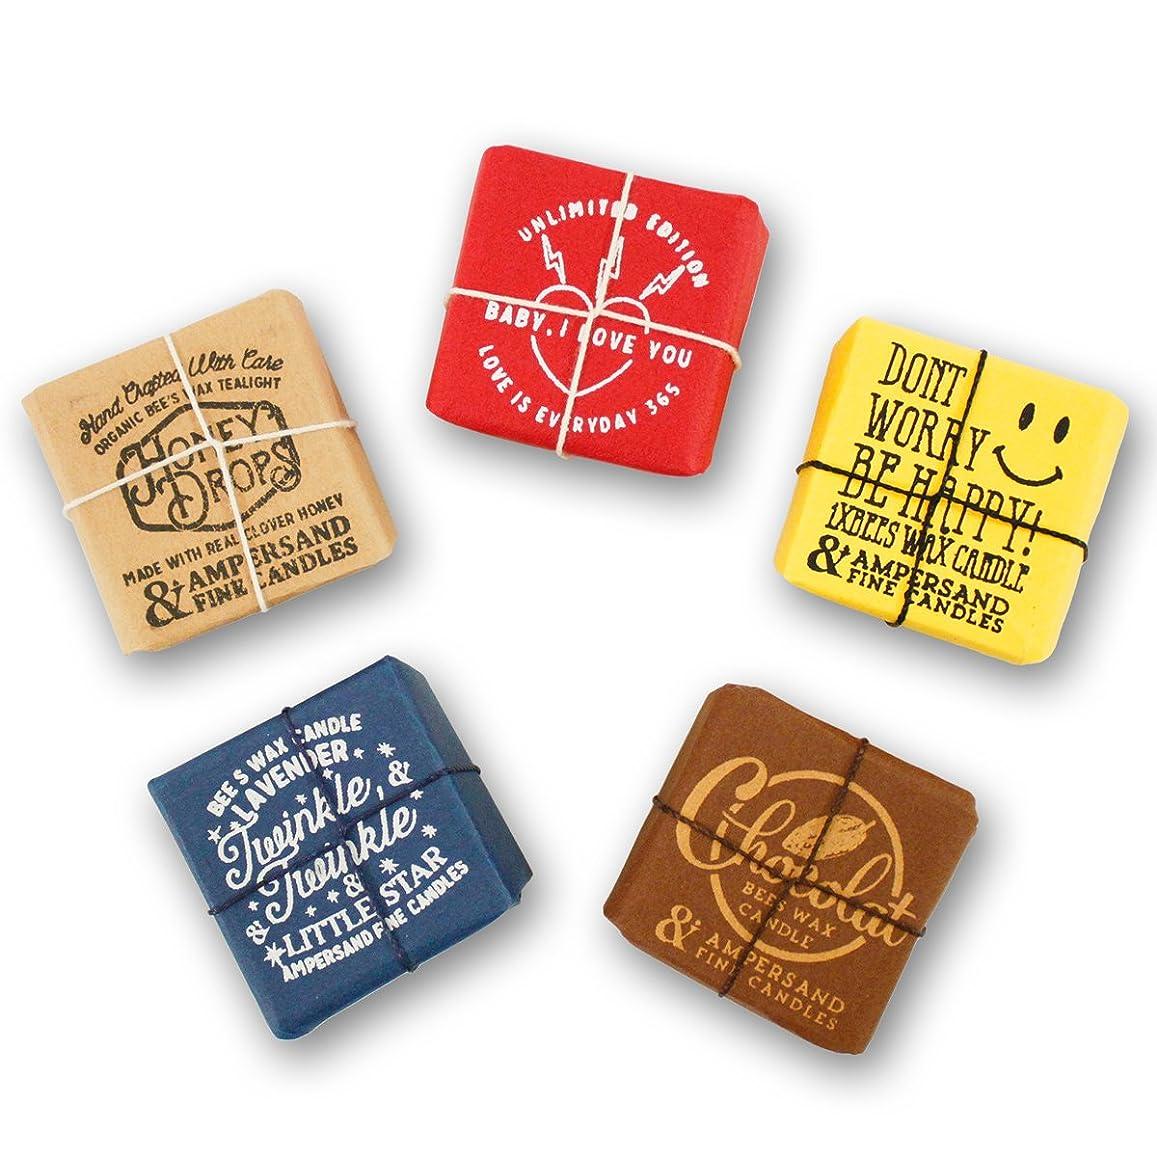 調整可能舌な後世Ampersand Fine Candles(アンパサンド ファイン キャンドル)キャンドル ルームフレグランス ASingle Bees [ 5type ] アロマ ギフト オーガニック OS,Chocolate